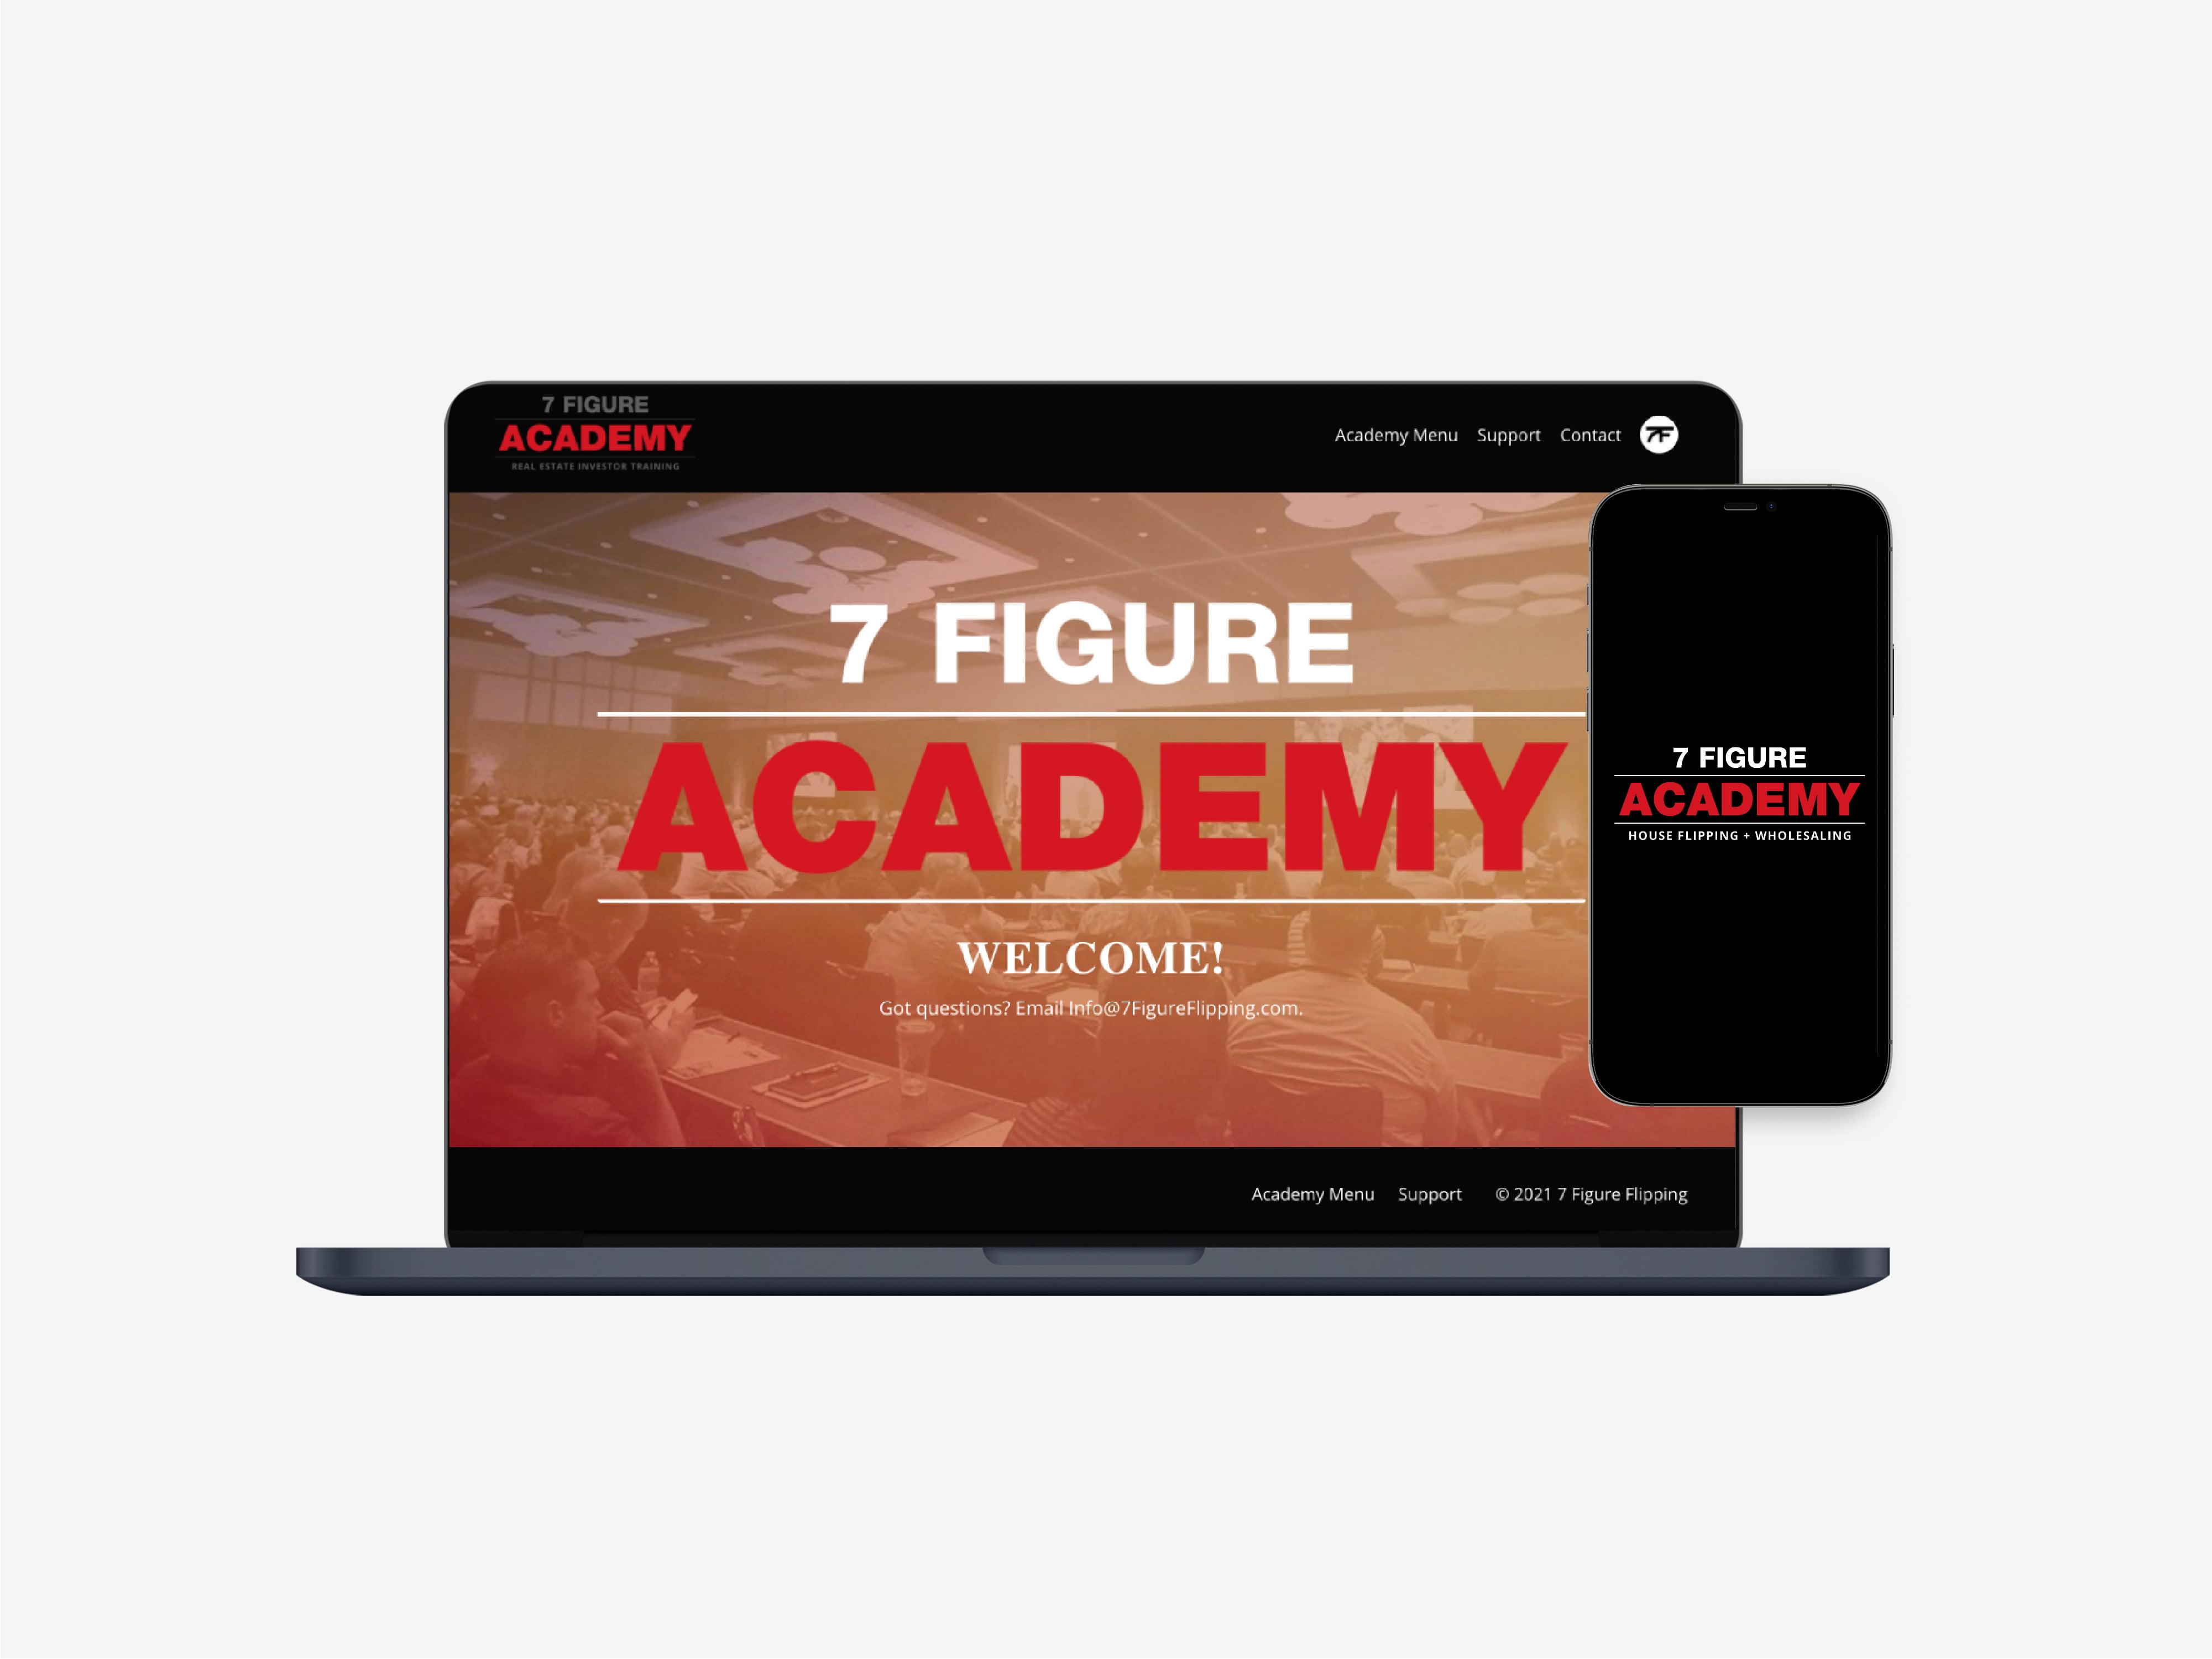 7 Figure Academy Image